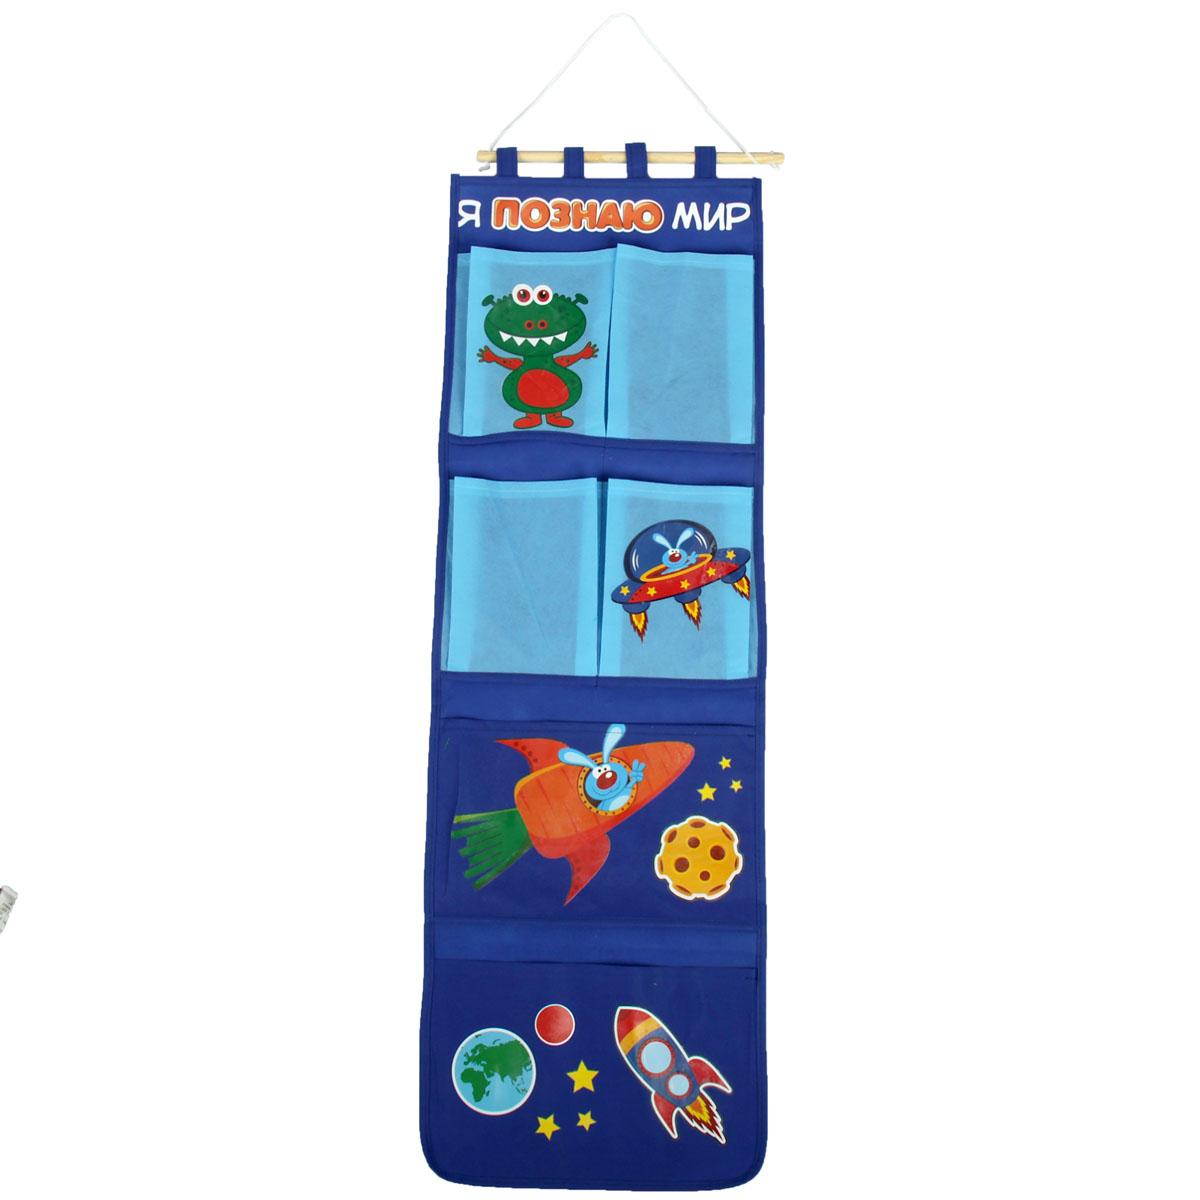 Кармашки на стену Sima-land Я познаю мир, цвет: голубой, синий, желтый, 6 шт12723Кармашки на стену Sima-land «Я познаю мир», изготовленные из текстиля, предназначены для хранения необходимых вещей, множества мелочей в гардеробной, ванной, детской комнатах. Изделие представляет собой текстильное полотно с шестью пришитыми кармашками. Благодаря деревянной планке и шнурку, кармашки можно подвесить на стену или дверь в необходимом для вас месте. Кармашки декорированы изображениями ракеты из морковки, космического корабля, инопланетянина и надписью «Я познаю мир».Этот нужный предмет может стать одновременно и декоративным элементом комнаты. Яркий дизайн, как ничто иное, способен оживить интерьер вашего дома.